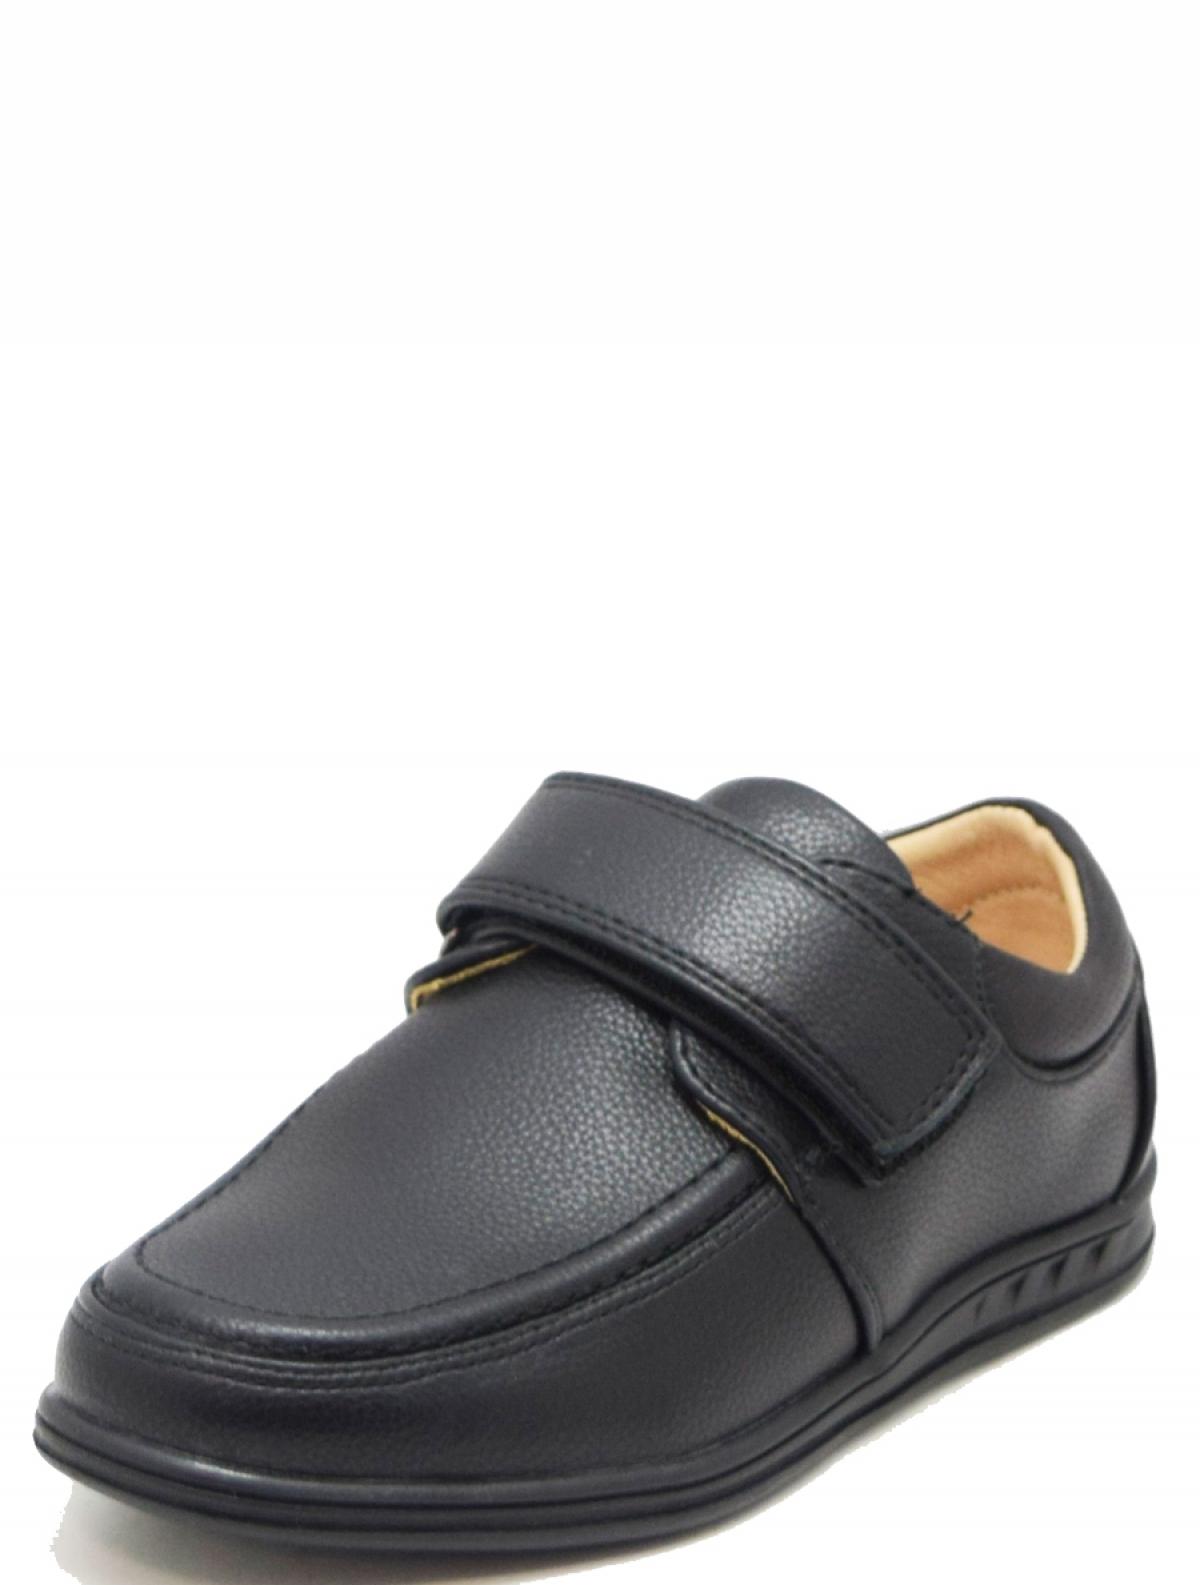 Сказка R868533581 детские туфли